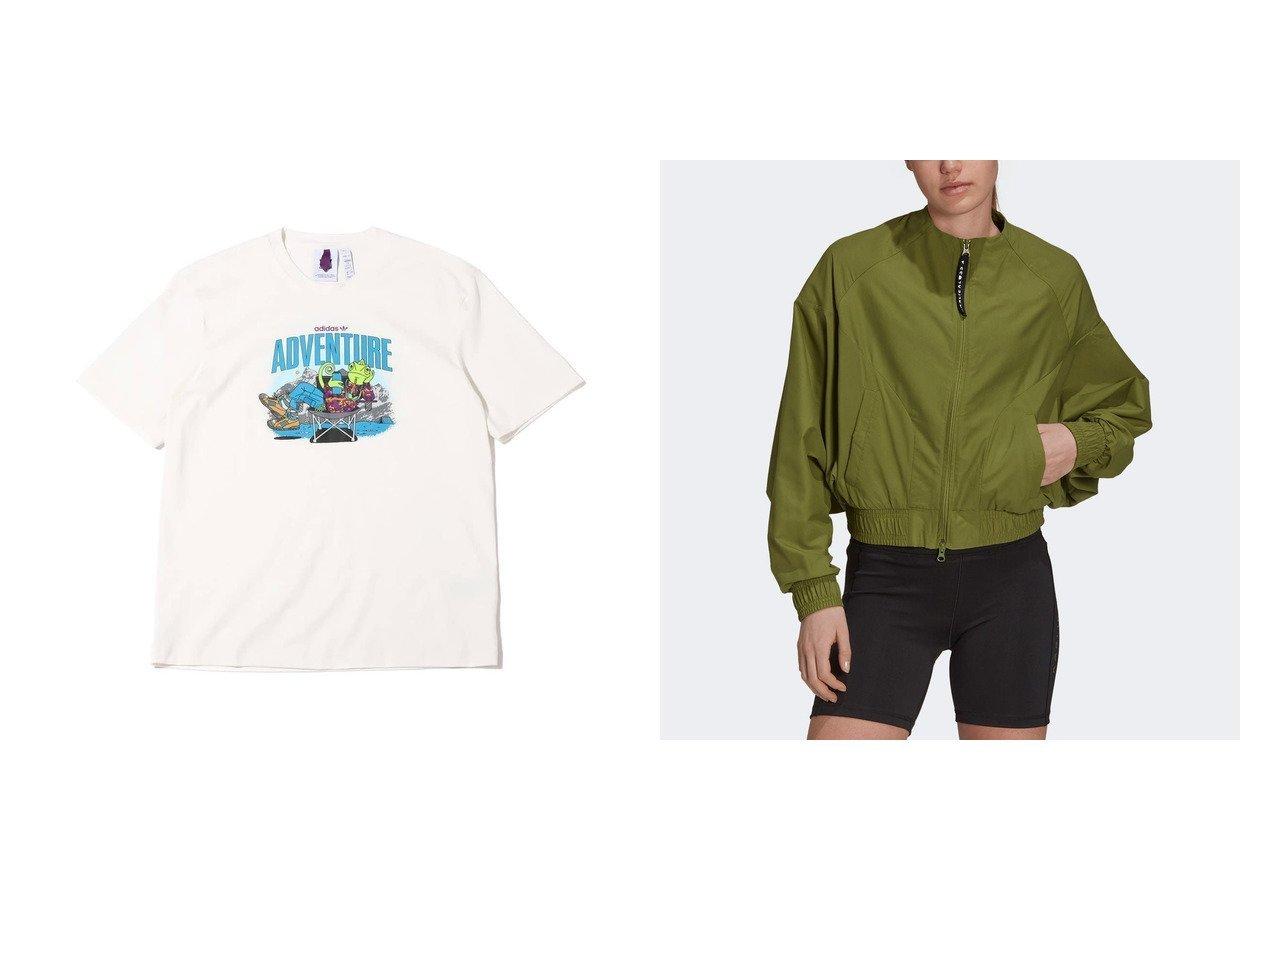 【adidas/アディダス】のカーリー クロス カバーアップ ジャケット Karlie Kloss Cover-Up Jacket&CHAMELEON TEE おすすめ!人気、トレンド・レディースファッションの通販 おすすめで人気の流行・トレンド、ファッションの通販商品 インテリア・家具・メンズファッション・キッズファッション・レディースファッション・服の通販 founy(ファニー) https://founy.com/ ファッション Fashion レディースファッション WOMEN アウター Coat Outerwear ジャケット Jackets 2020年 2020 2020春夏・S/S SS・Spring/Summer/2020 S/S・春夏 SS・Spring/Summer アウトドア クール 夏 Summer 春 Spring 2021年 2021 2021-2022秋冬・A/W AW・Autumn/Winter・FW・Fall-Winter・2021-2022 A/W・秋冬 AW・Autumn/Winter・FW・Fall-Winter ジャケット スタイリッシュ ポケット  ID:crp329100000059458